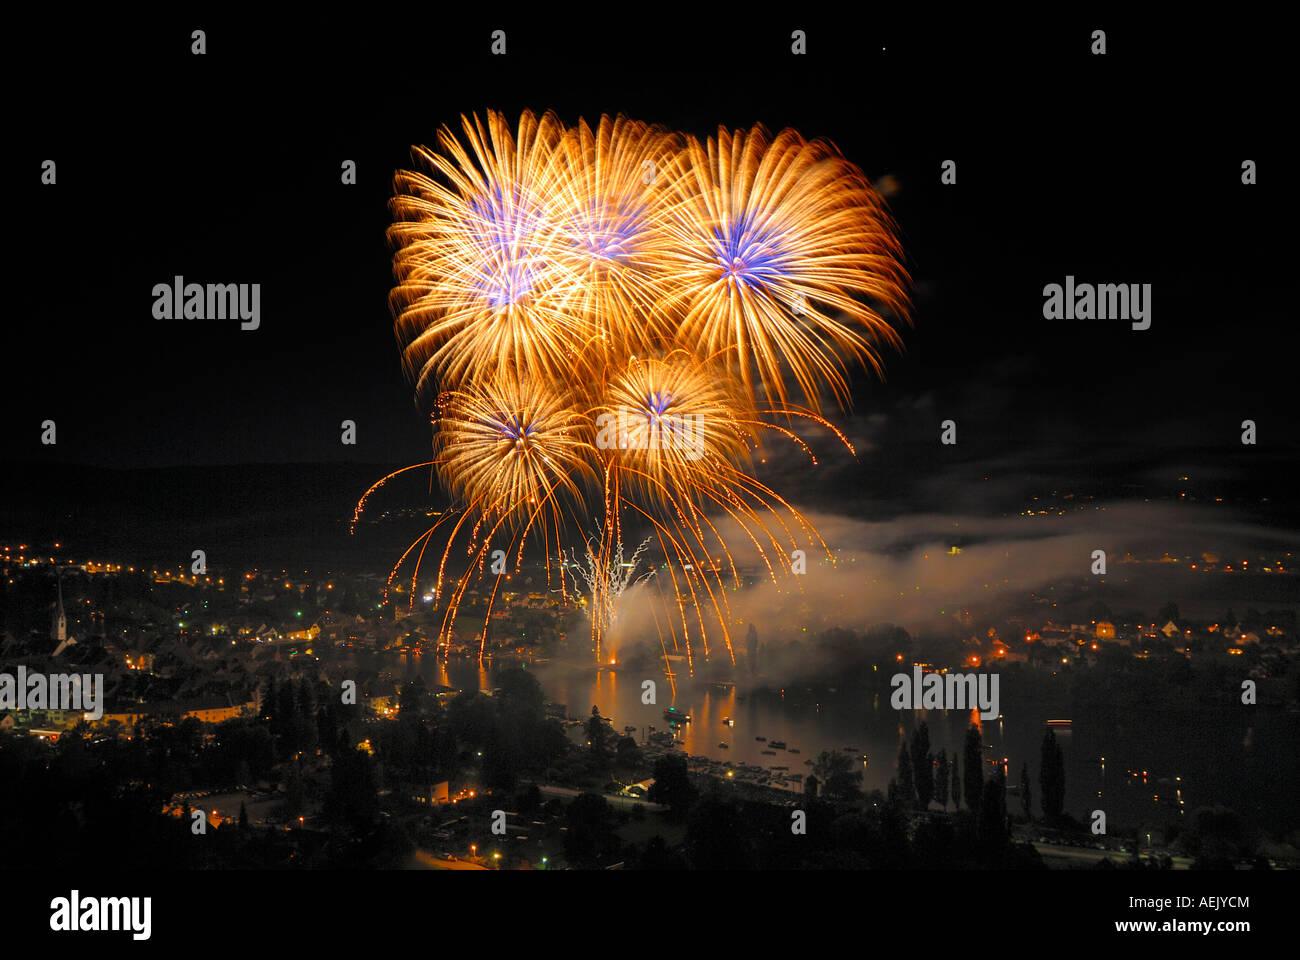 Stein am Rhein - Fuegos artificiales sobre el rhineriver con ocasión de la fiesta nacional suiza. Suiza, Europa. Imagen De Stock